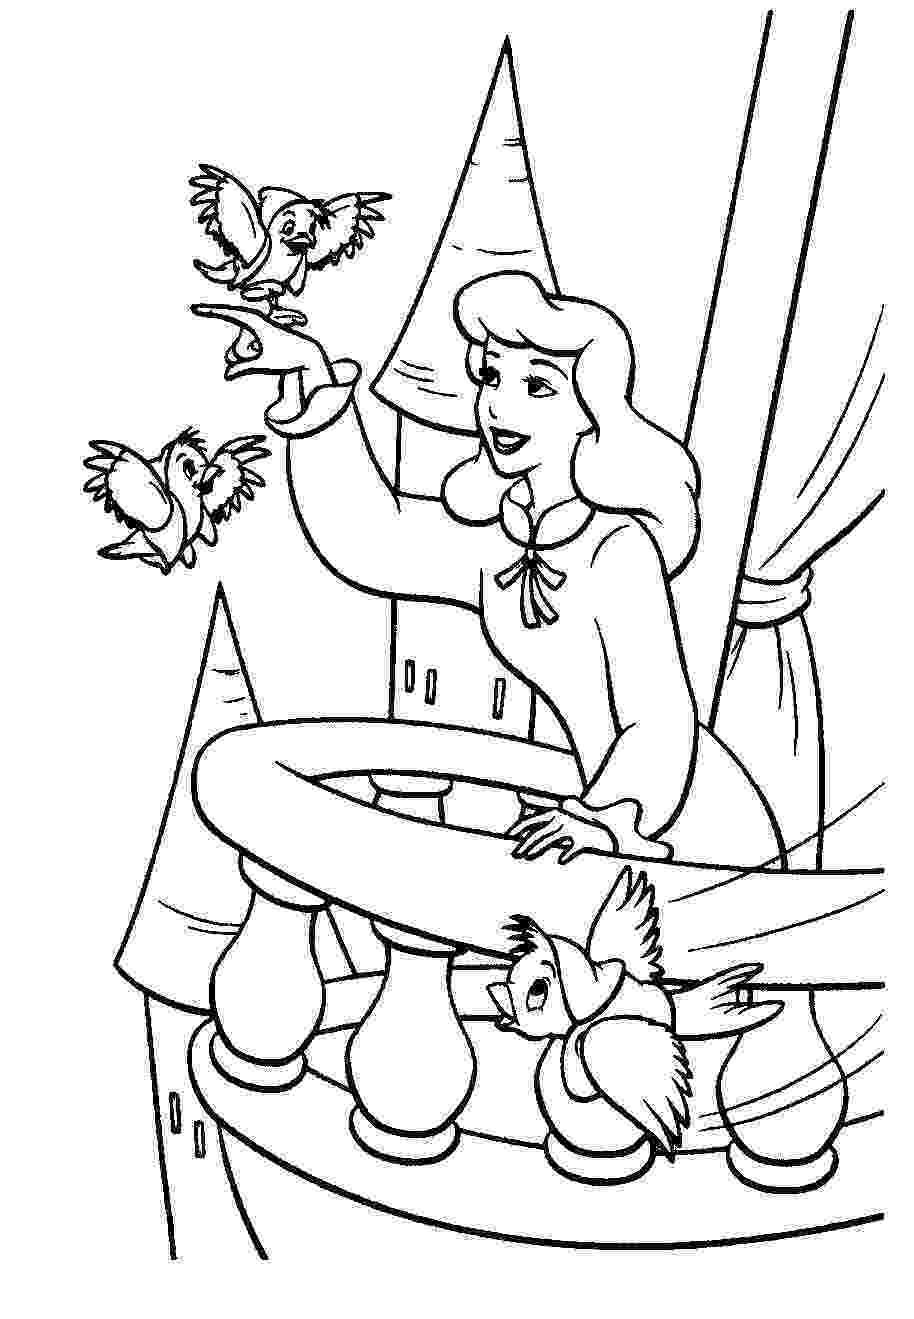 cinderella color sheets free printable cinderella coloring pages for kids cool2bkids cinderella sheets color